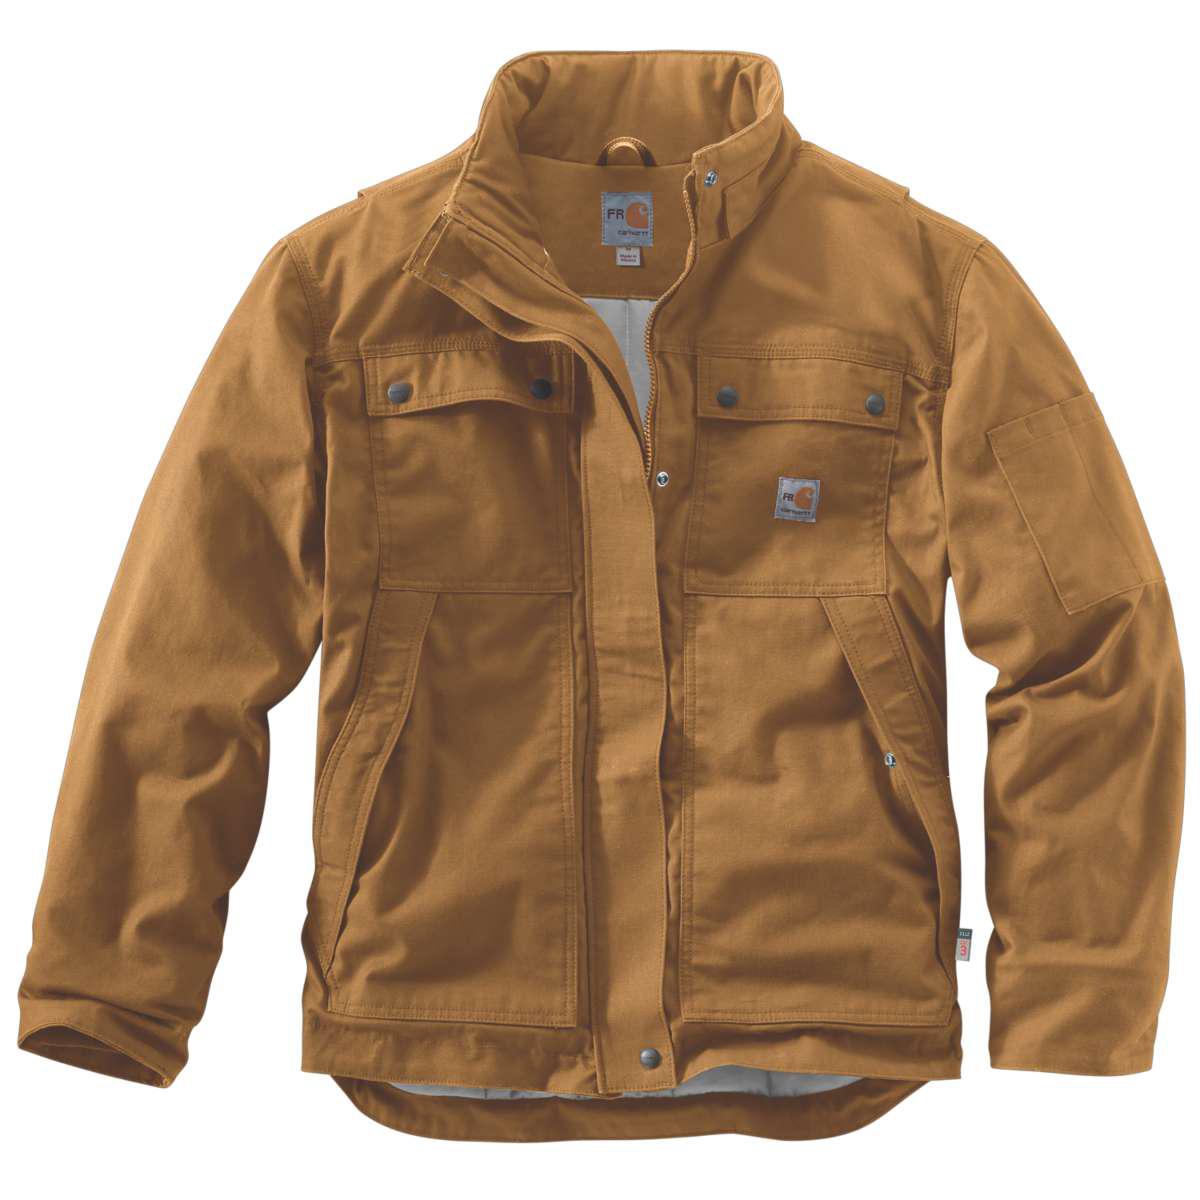 Carhartt Men's Full Swing Quick Duck Coat - Brown, S